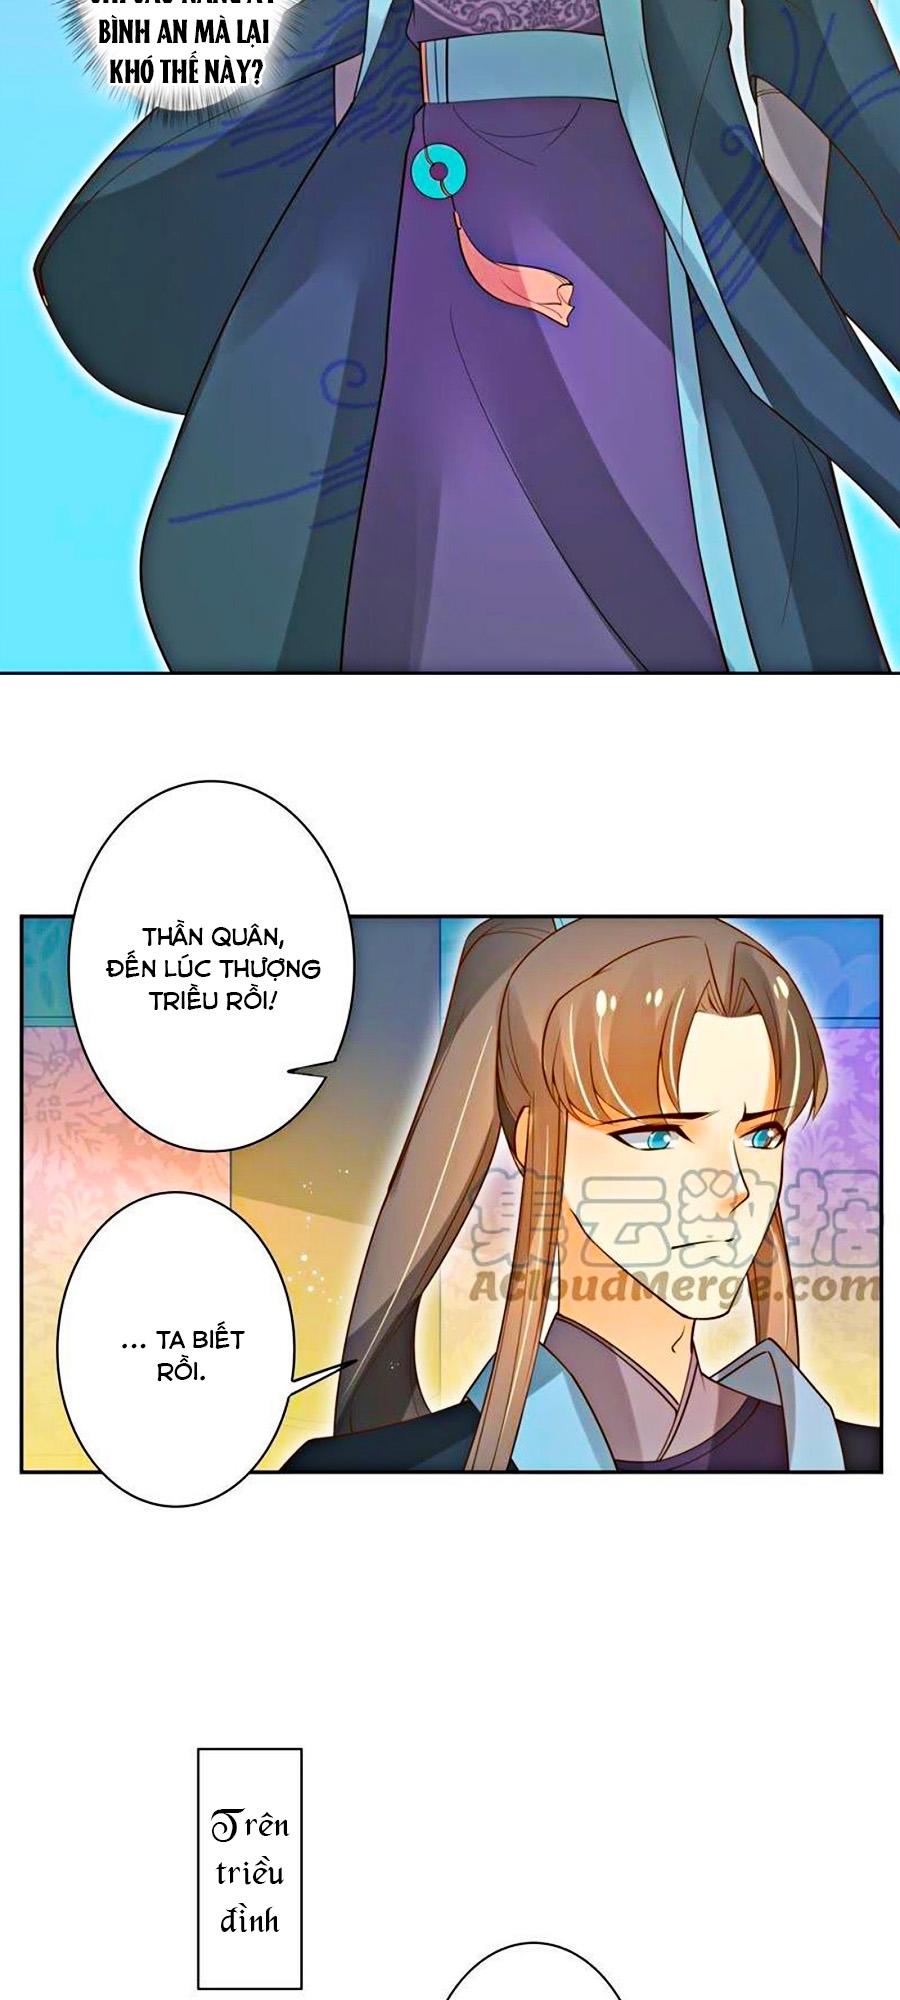 Thanh Khâu Nữ Đế: Phu Quân Muốn Tạo Phản chap 117 - Trang 7